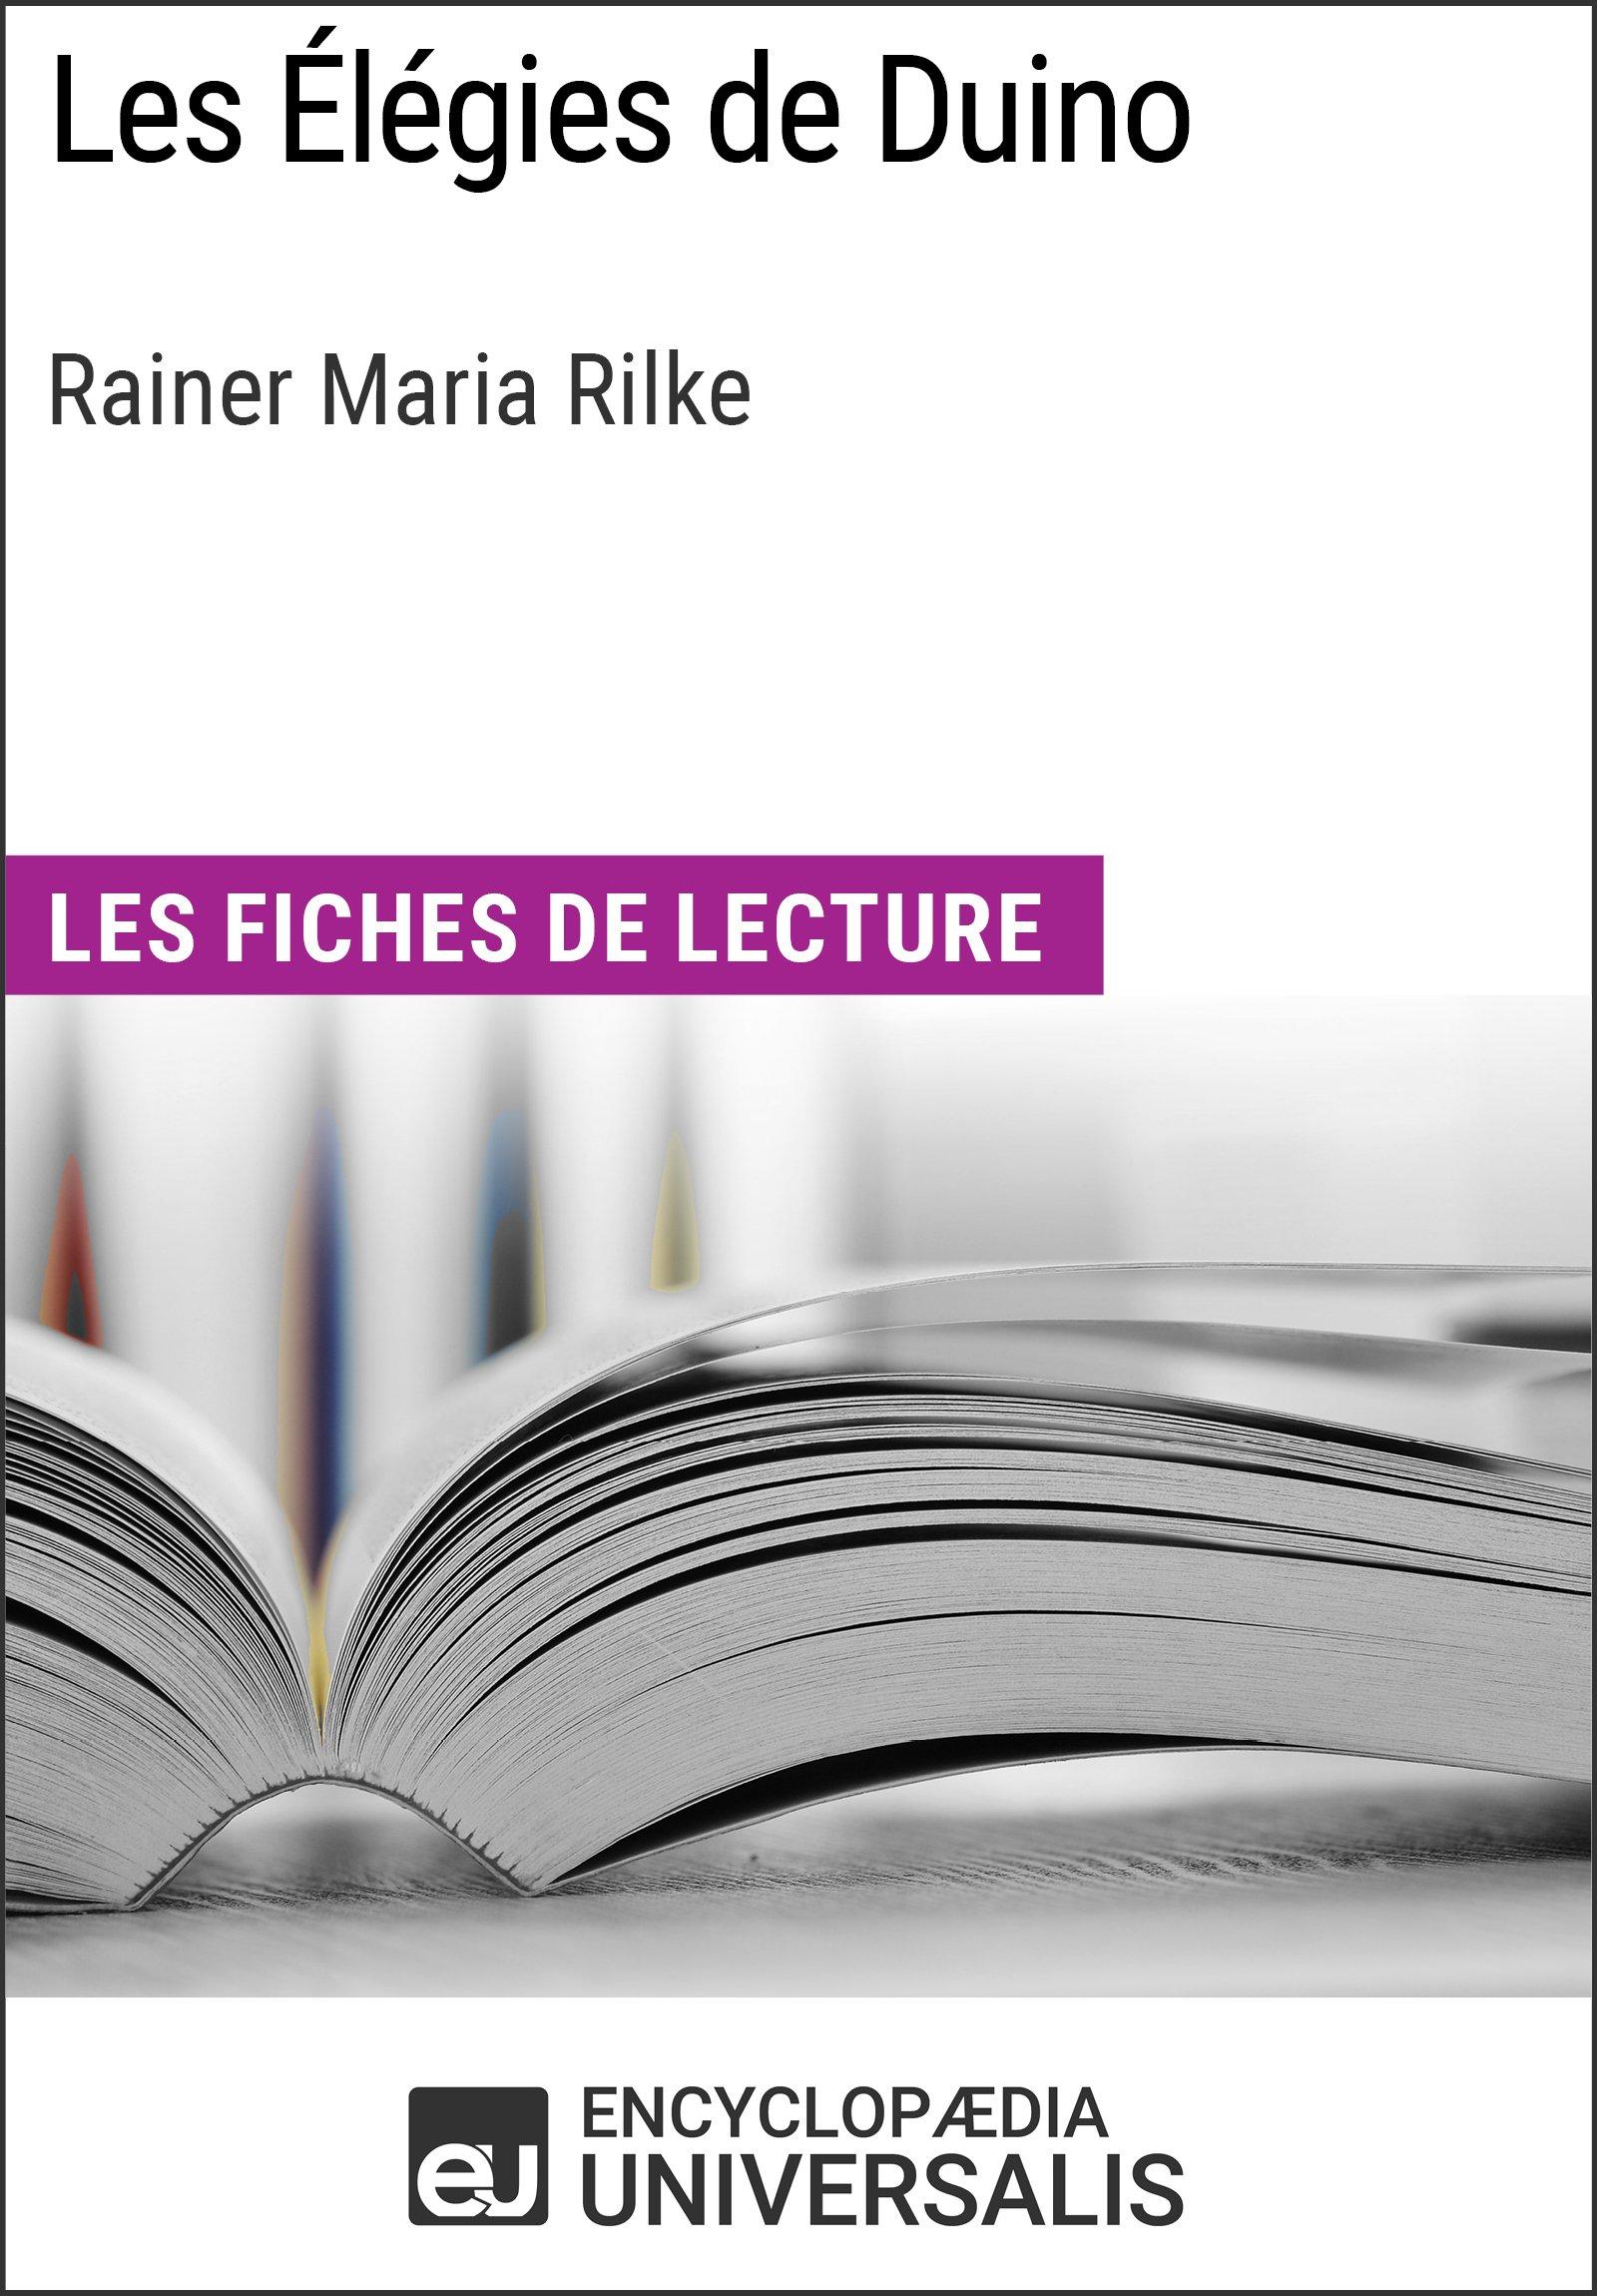 Les Élégies de Duino de Rainer Maria Rilke: Les Fiches de lecture d'Universalis (French Edition)